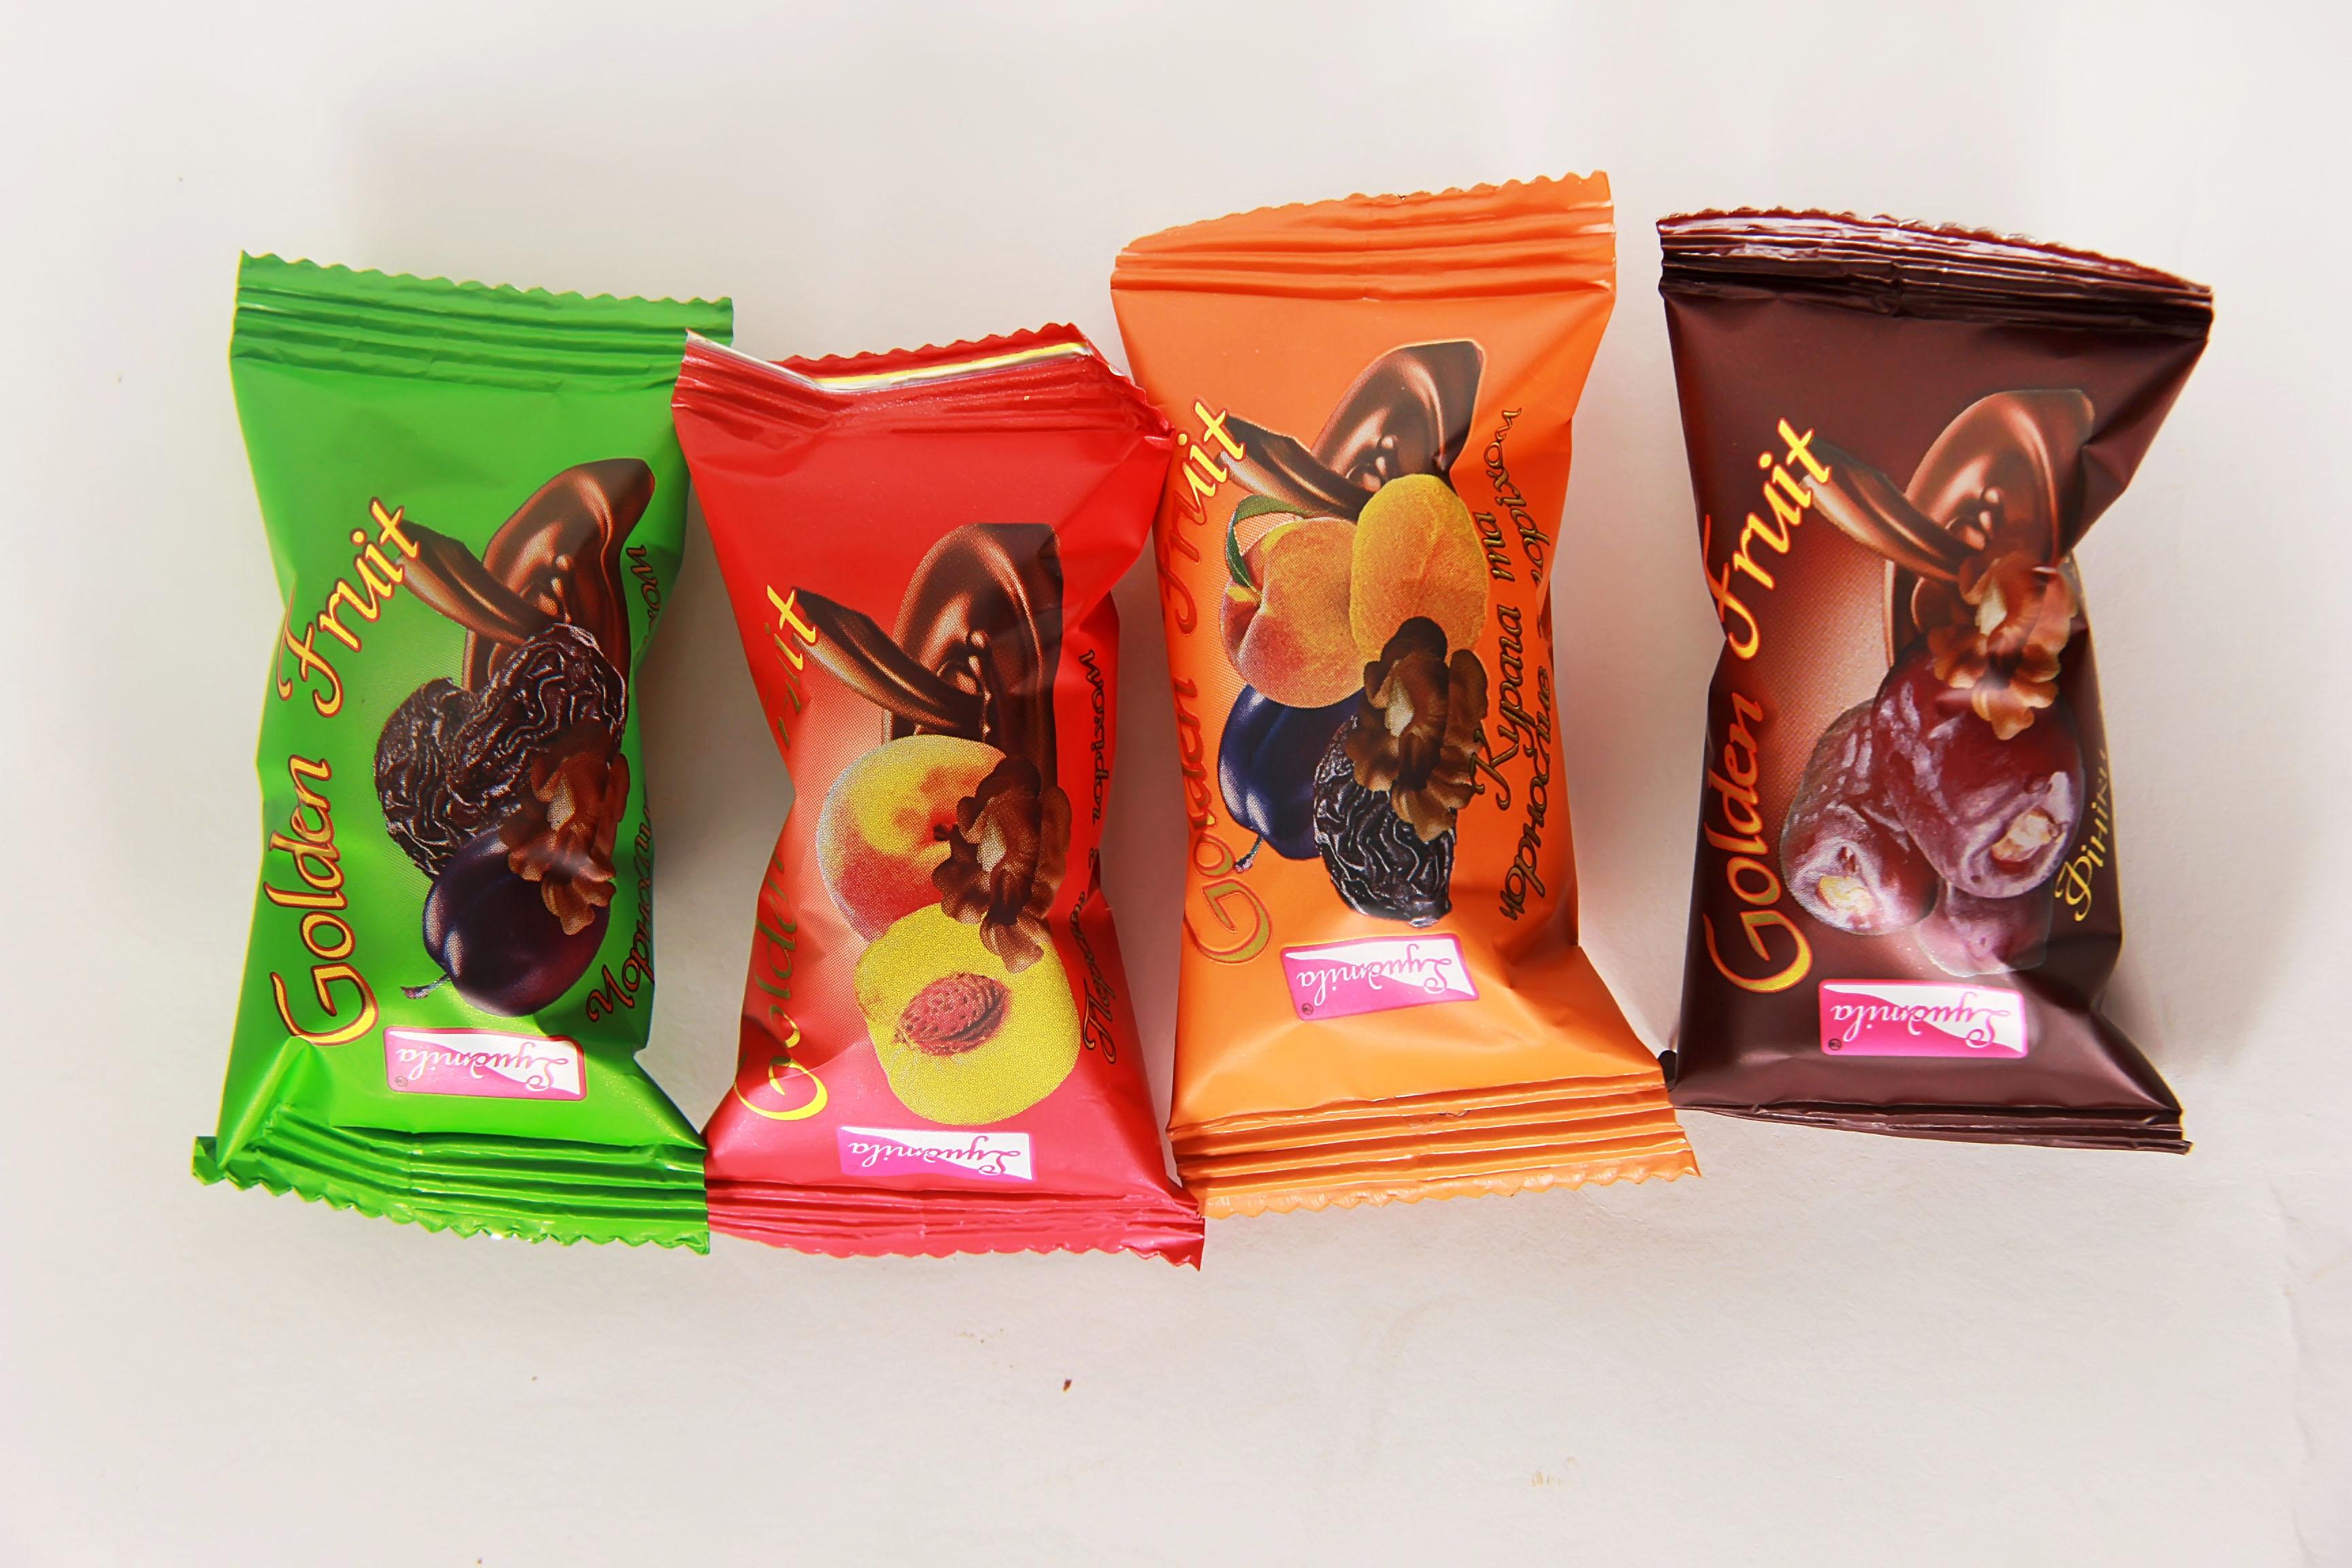 Кондитерська фабрика Буштино представляє великий вибір натуральних солодощів!